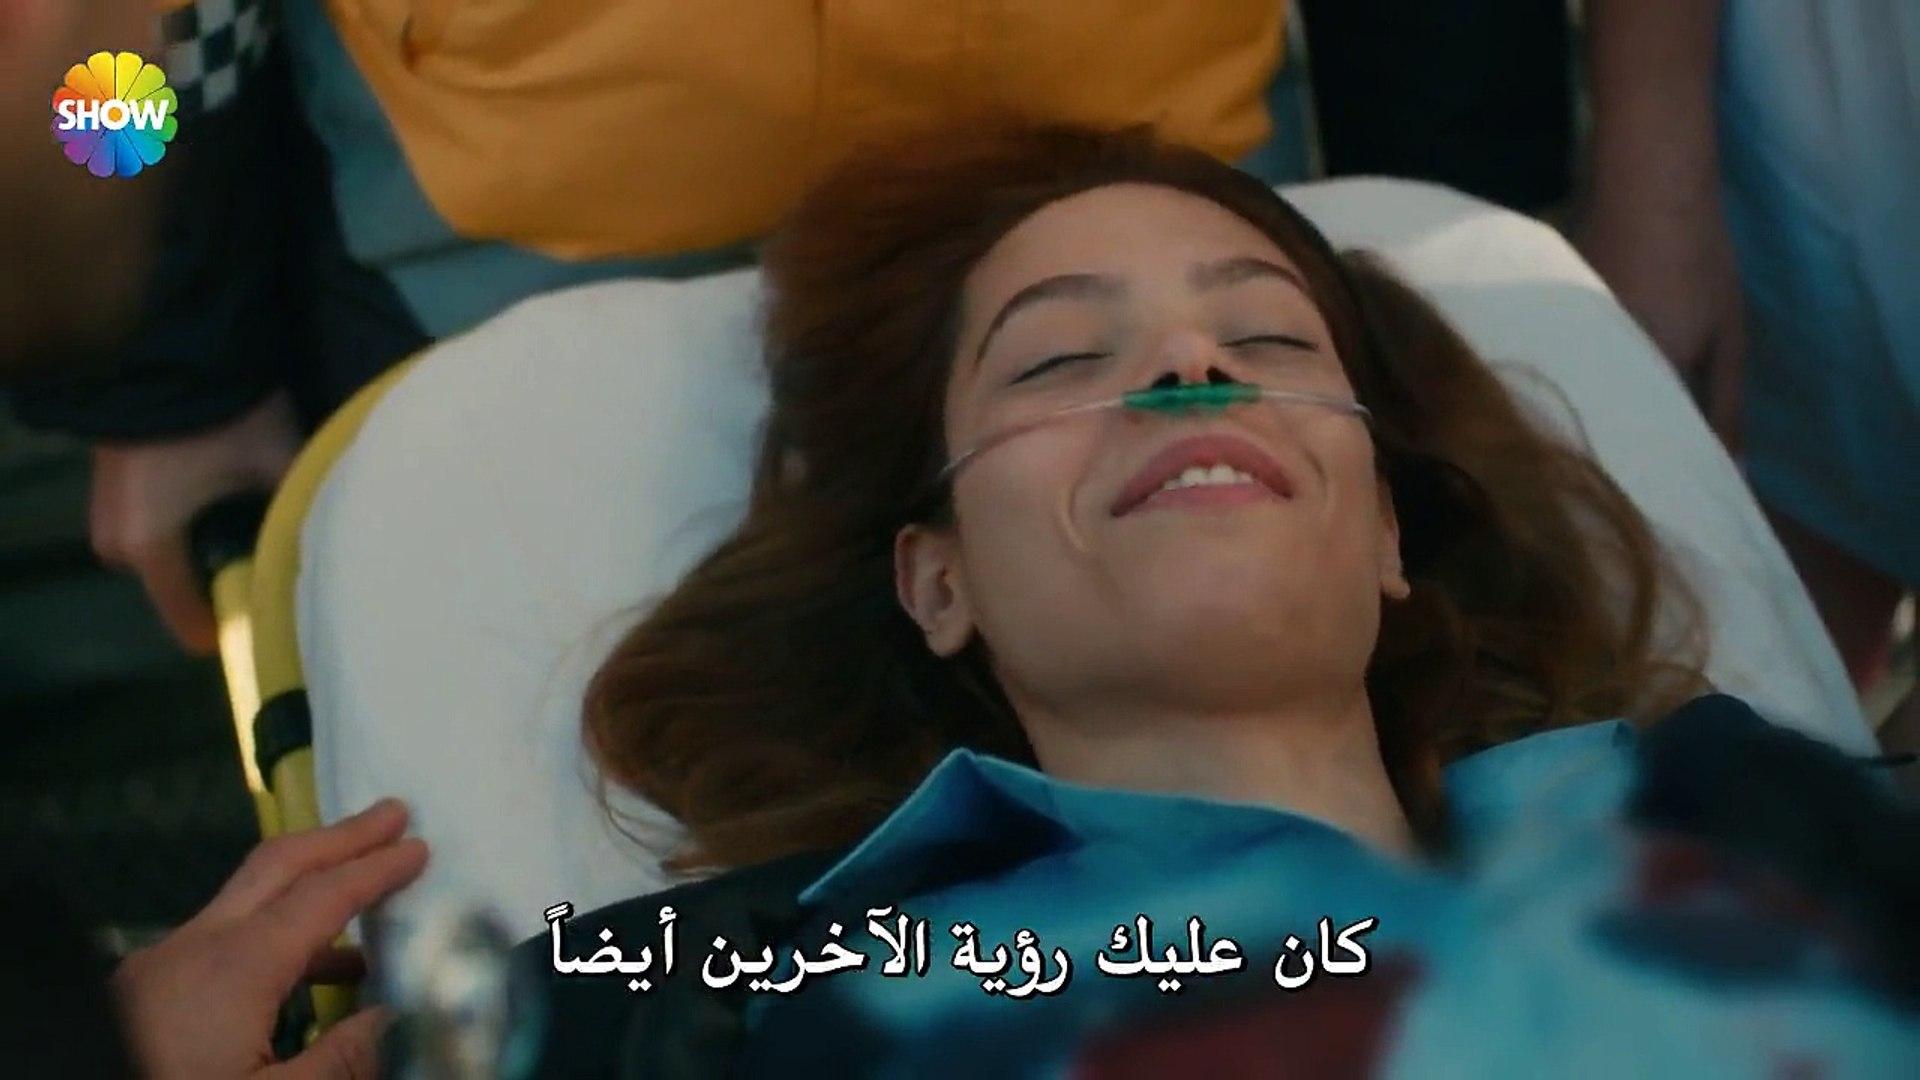 مسلسل نبضات قلب الحلقة 22 مترجمة للعربية القسم 1 فيديو Dailymotion